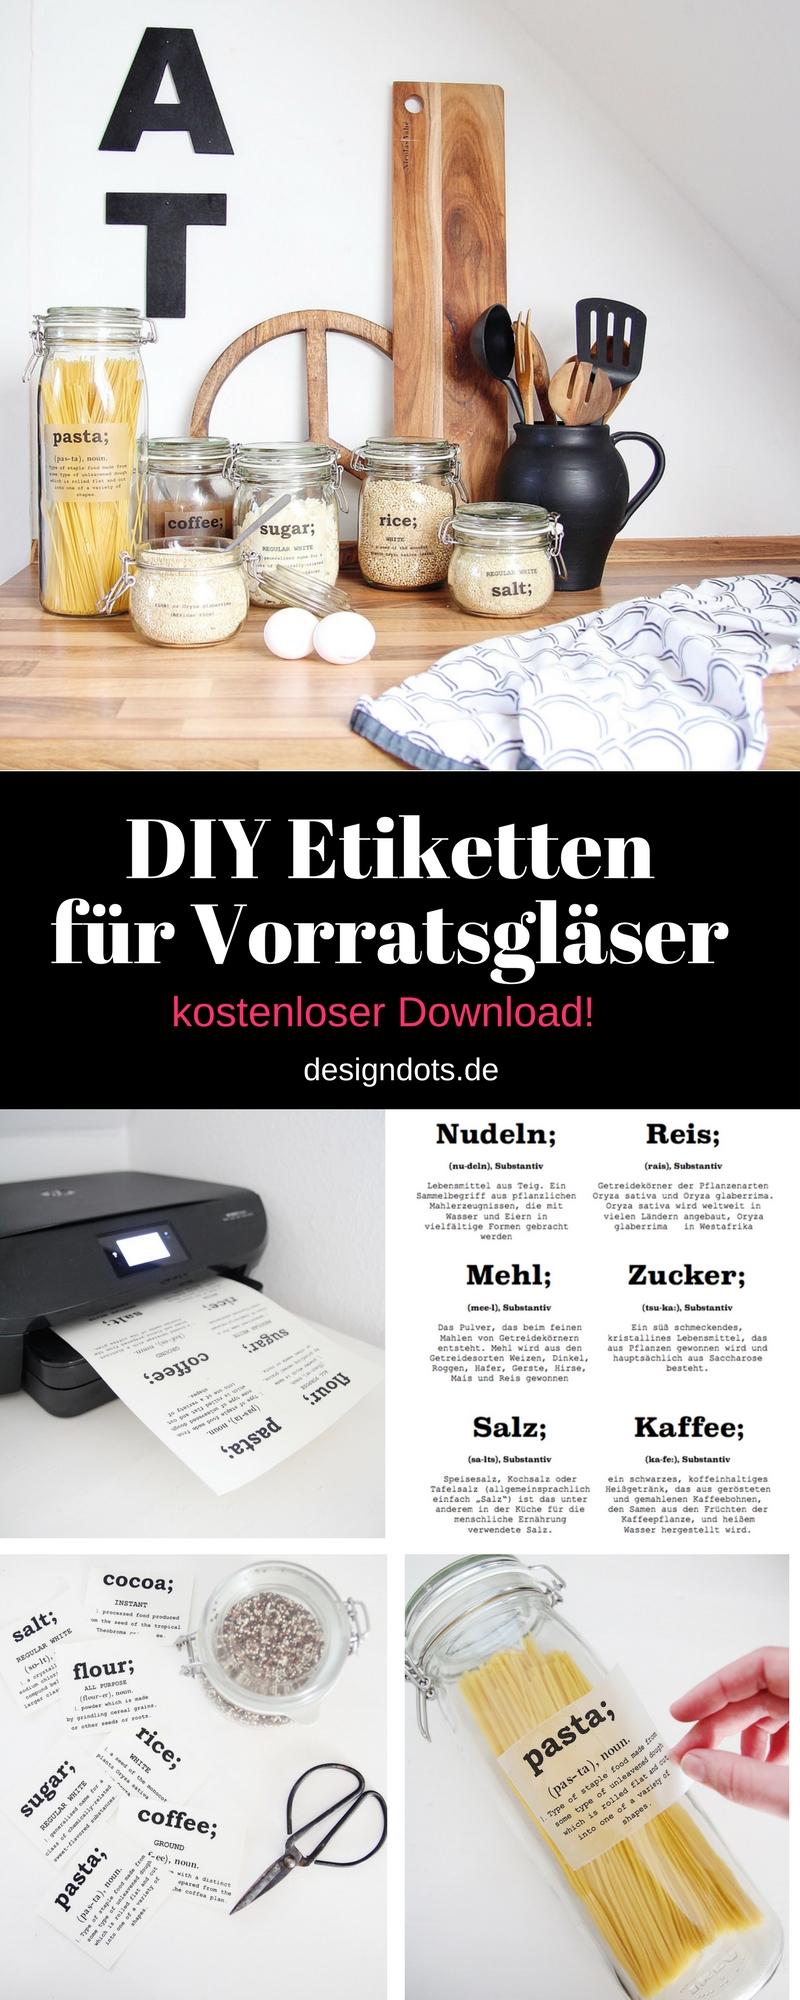 etiketten-vorratsgläser-zum-ausdrucken-download